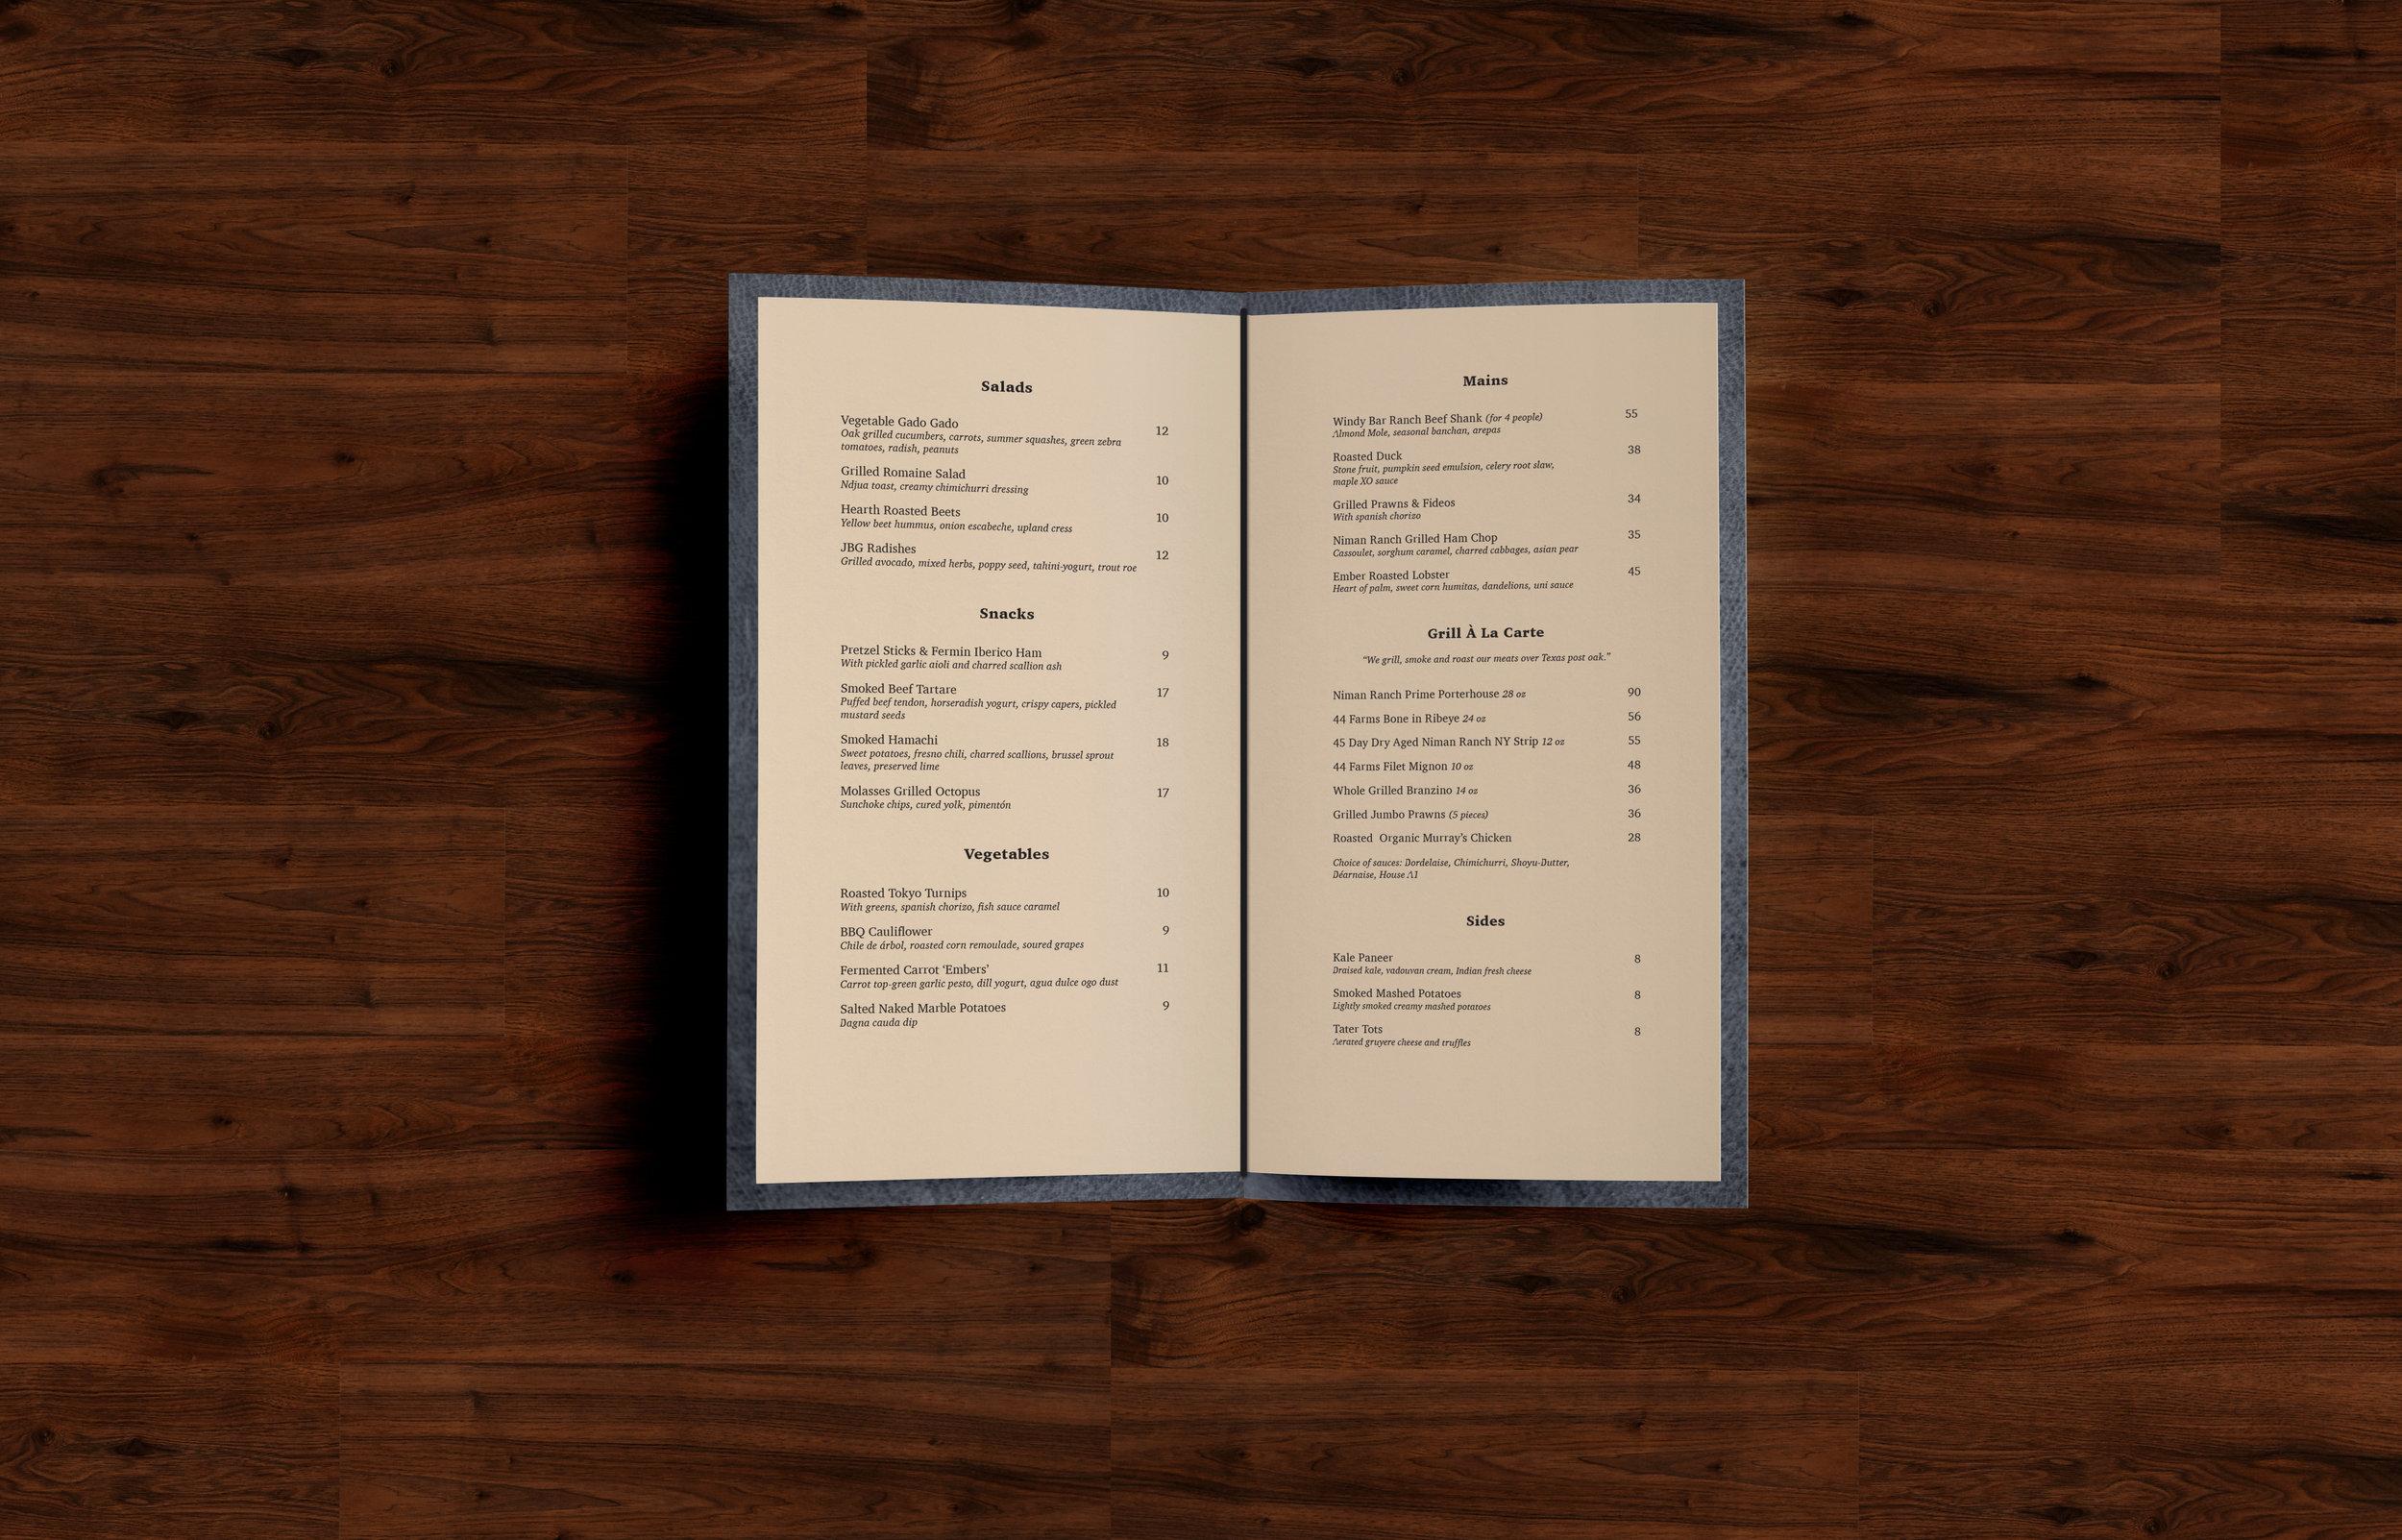 garrison_menu2b.jpg